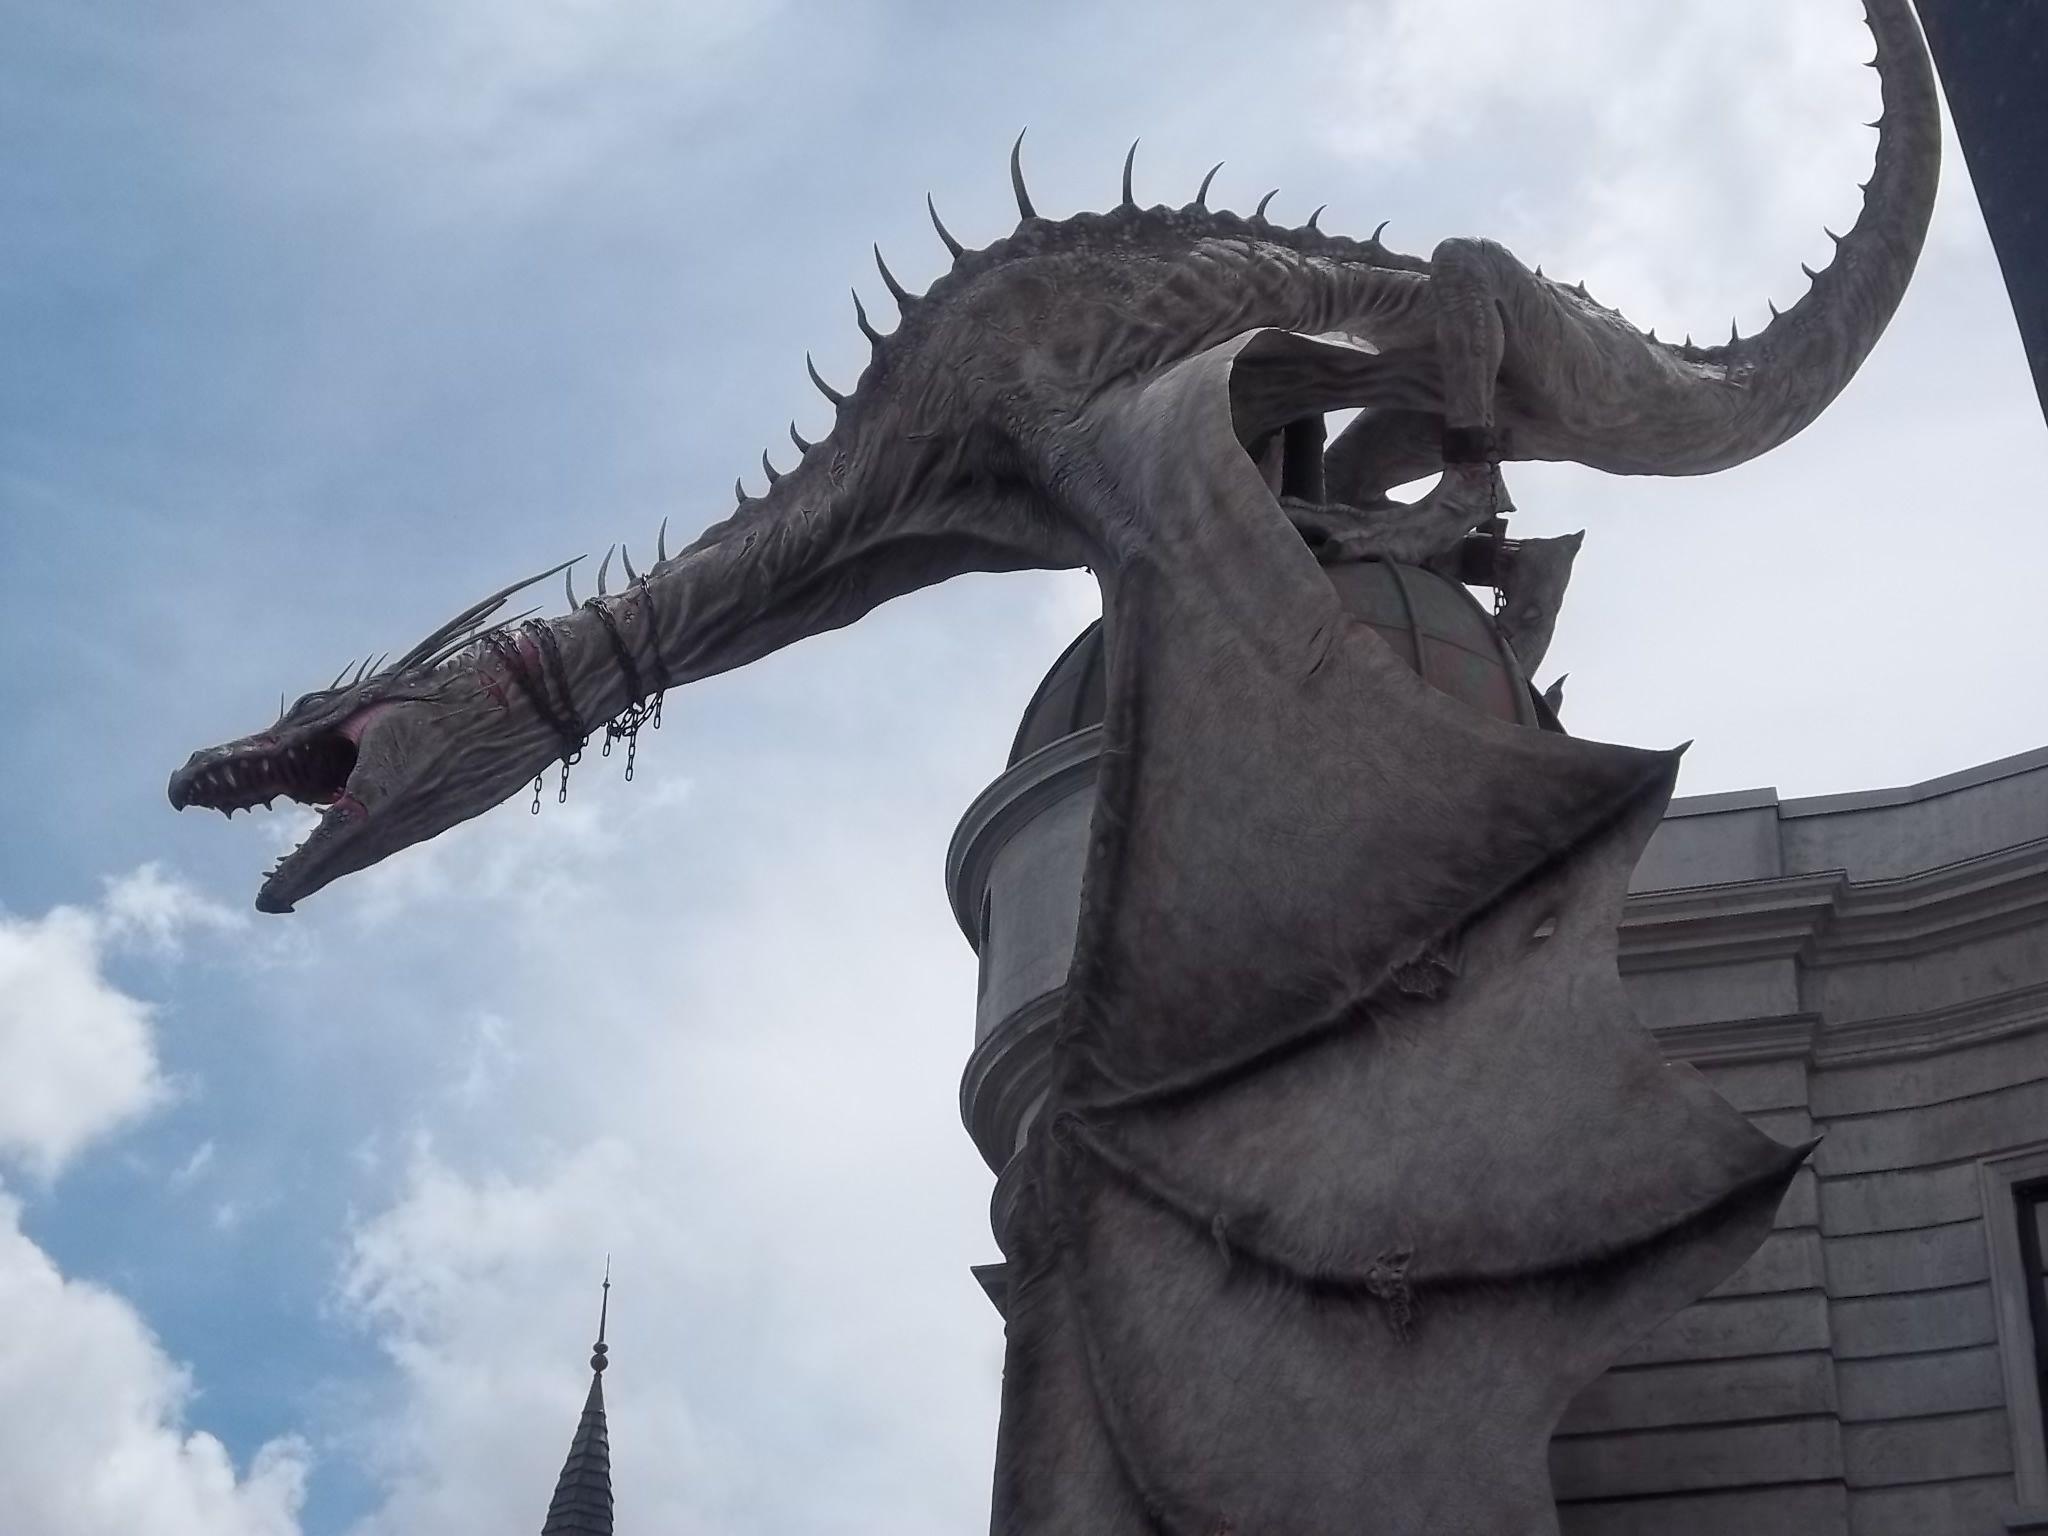 рощи как дракон реальный фото хочу вам